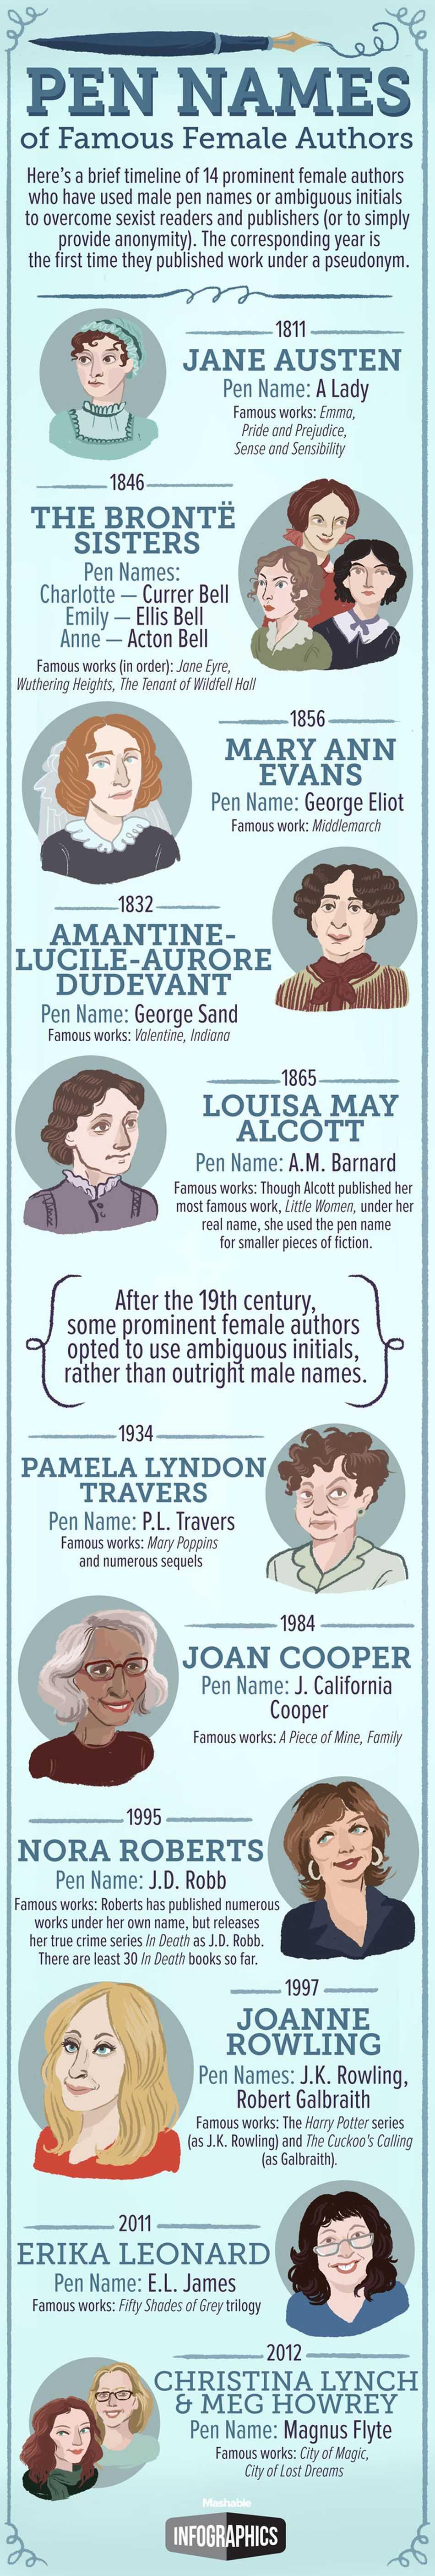 Females Autors' Pen Names